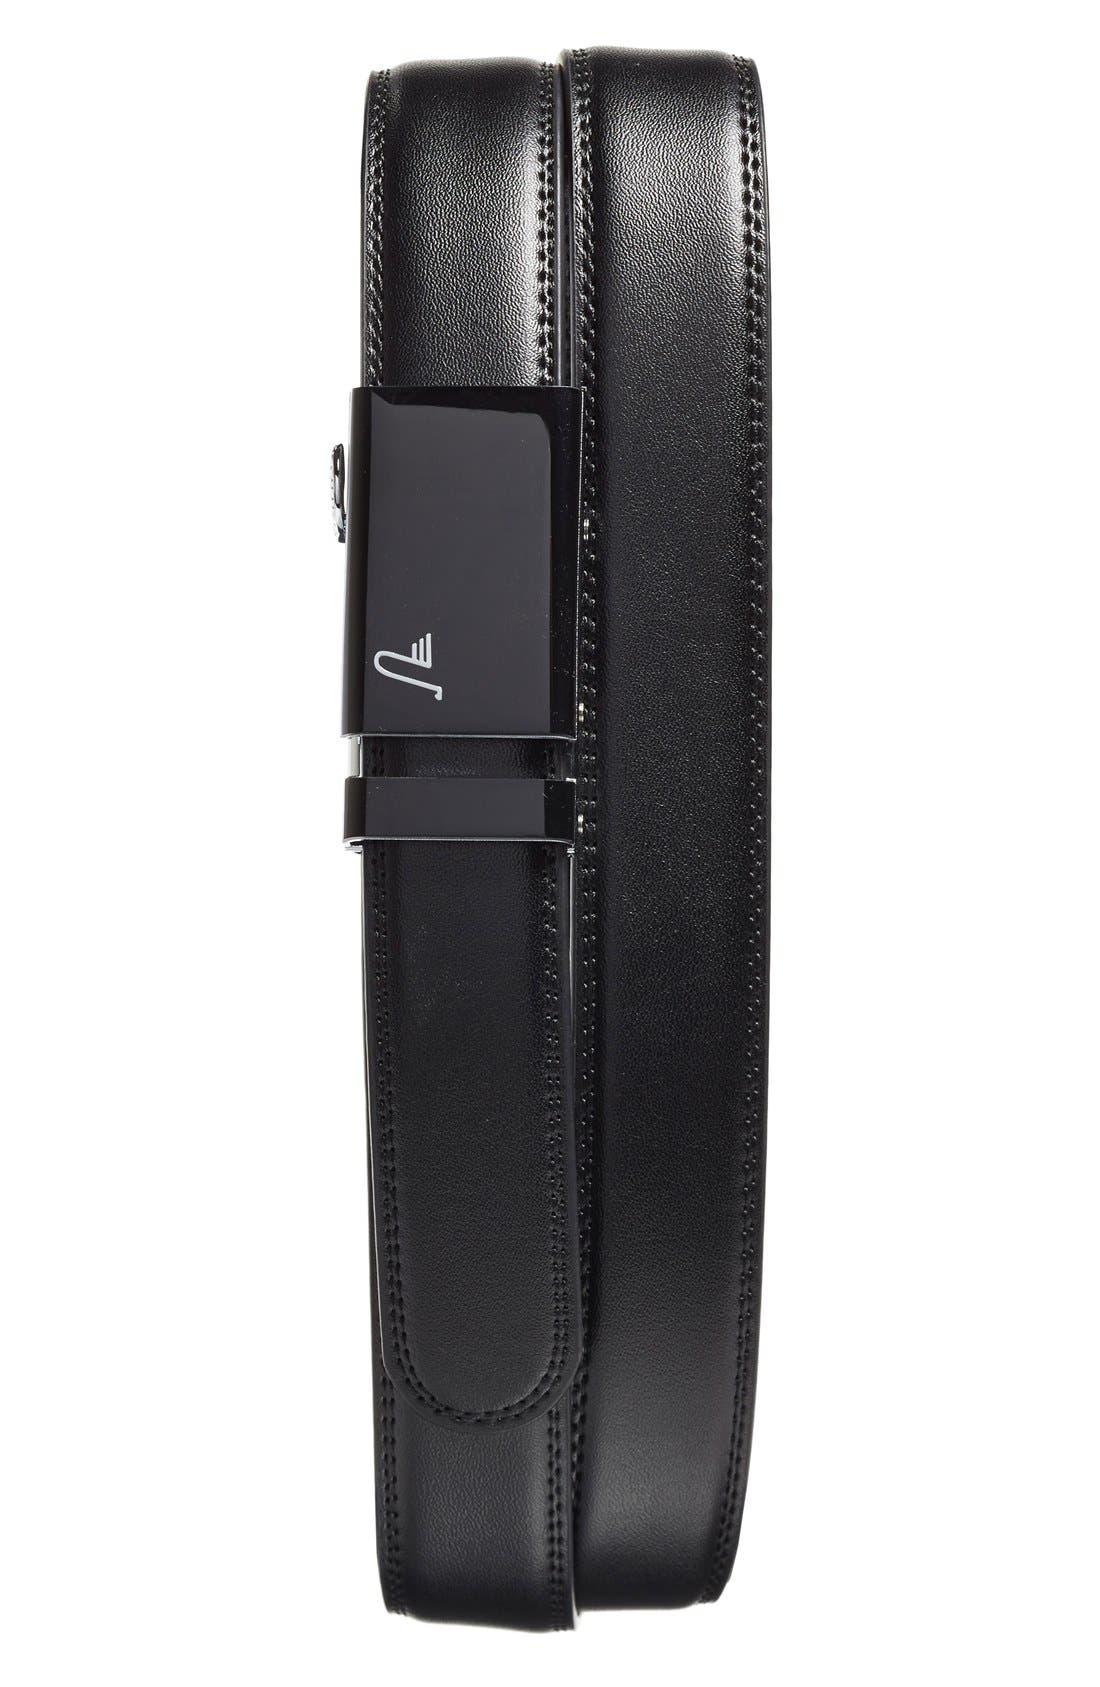 Main Image - Mission Belt 'Vader'Leather Belt